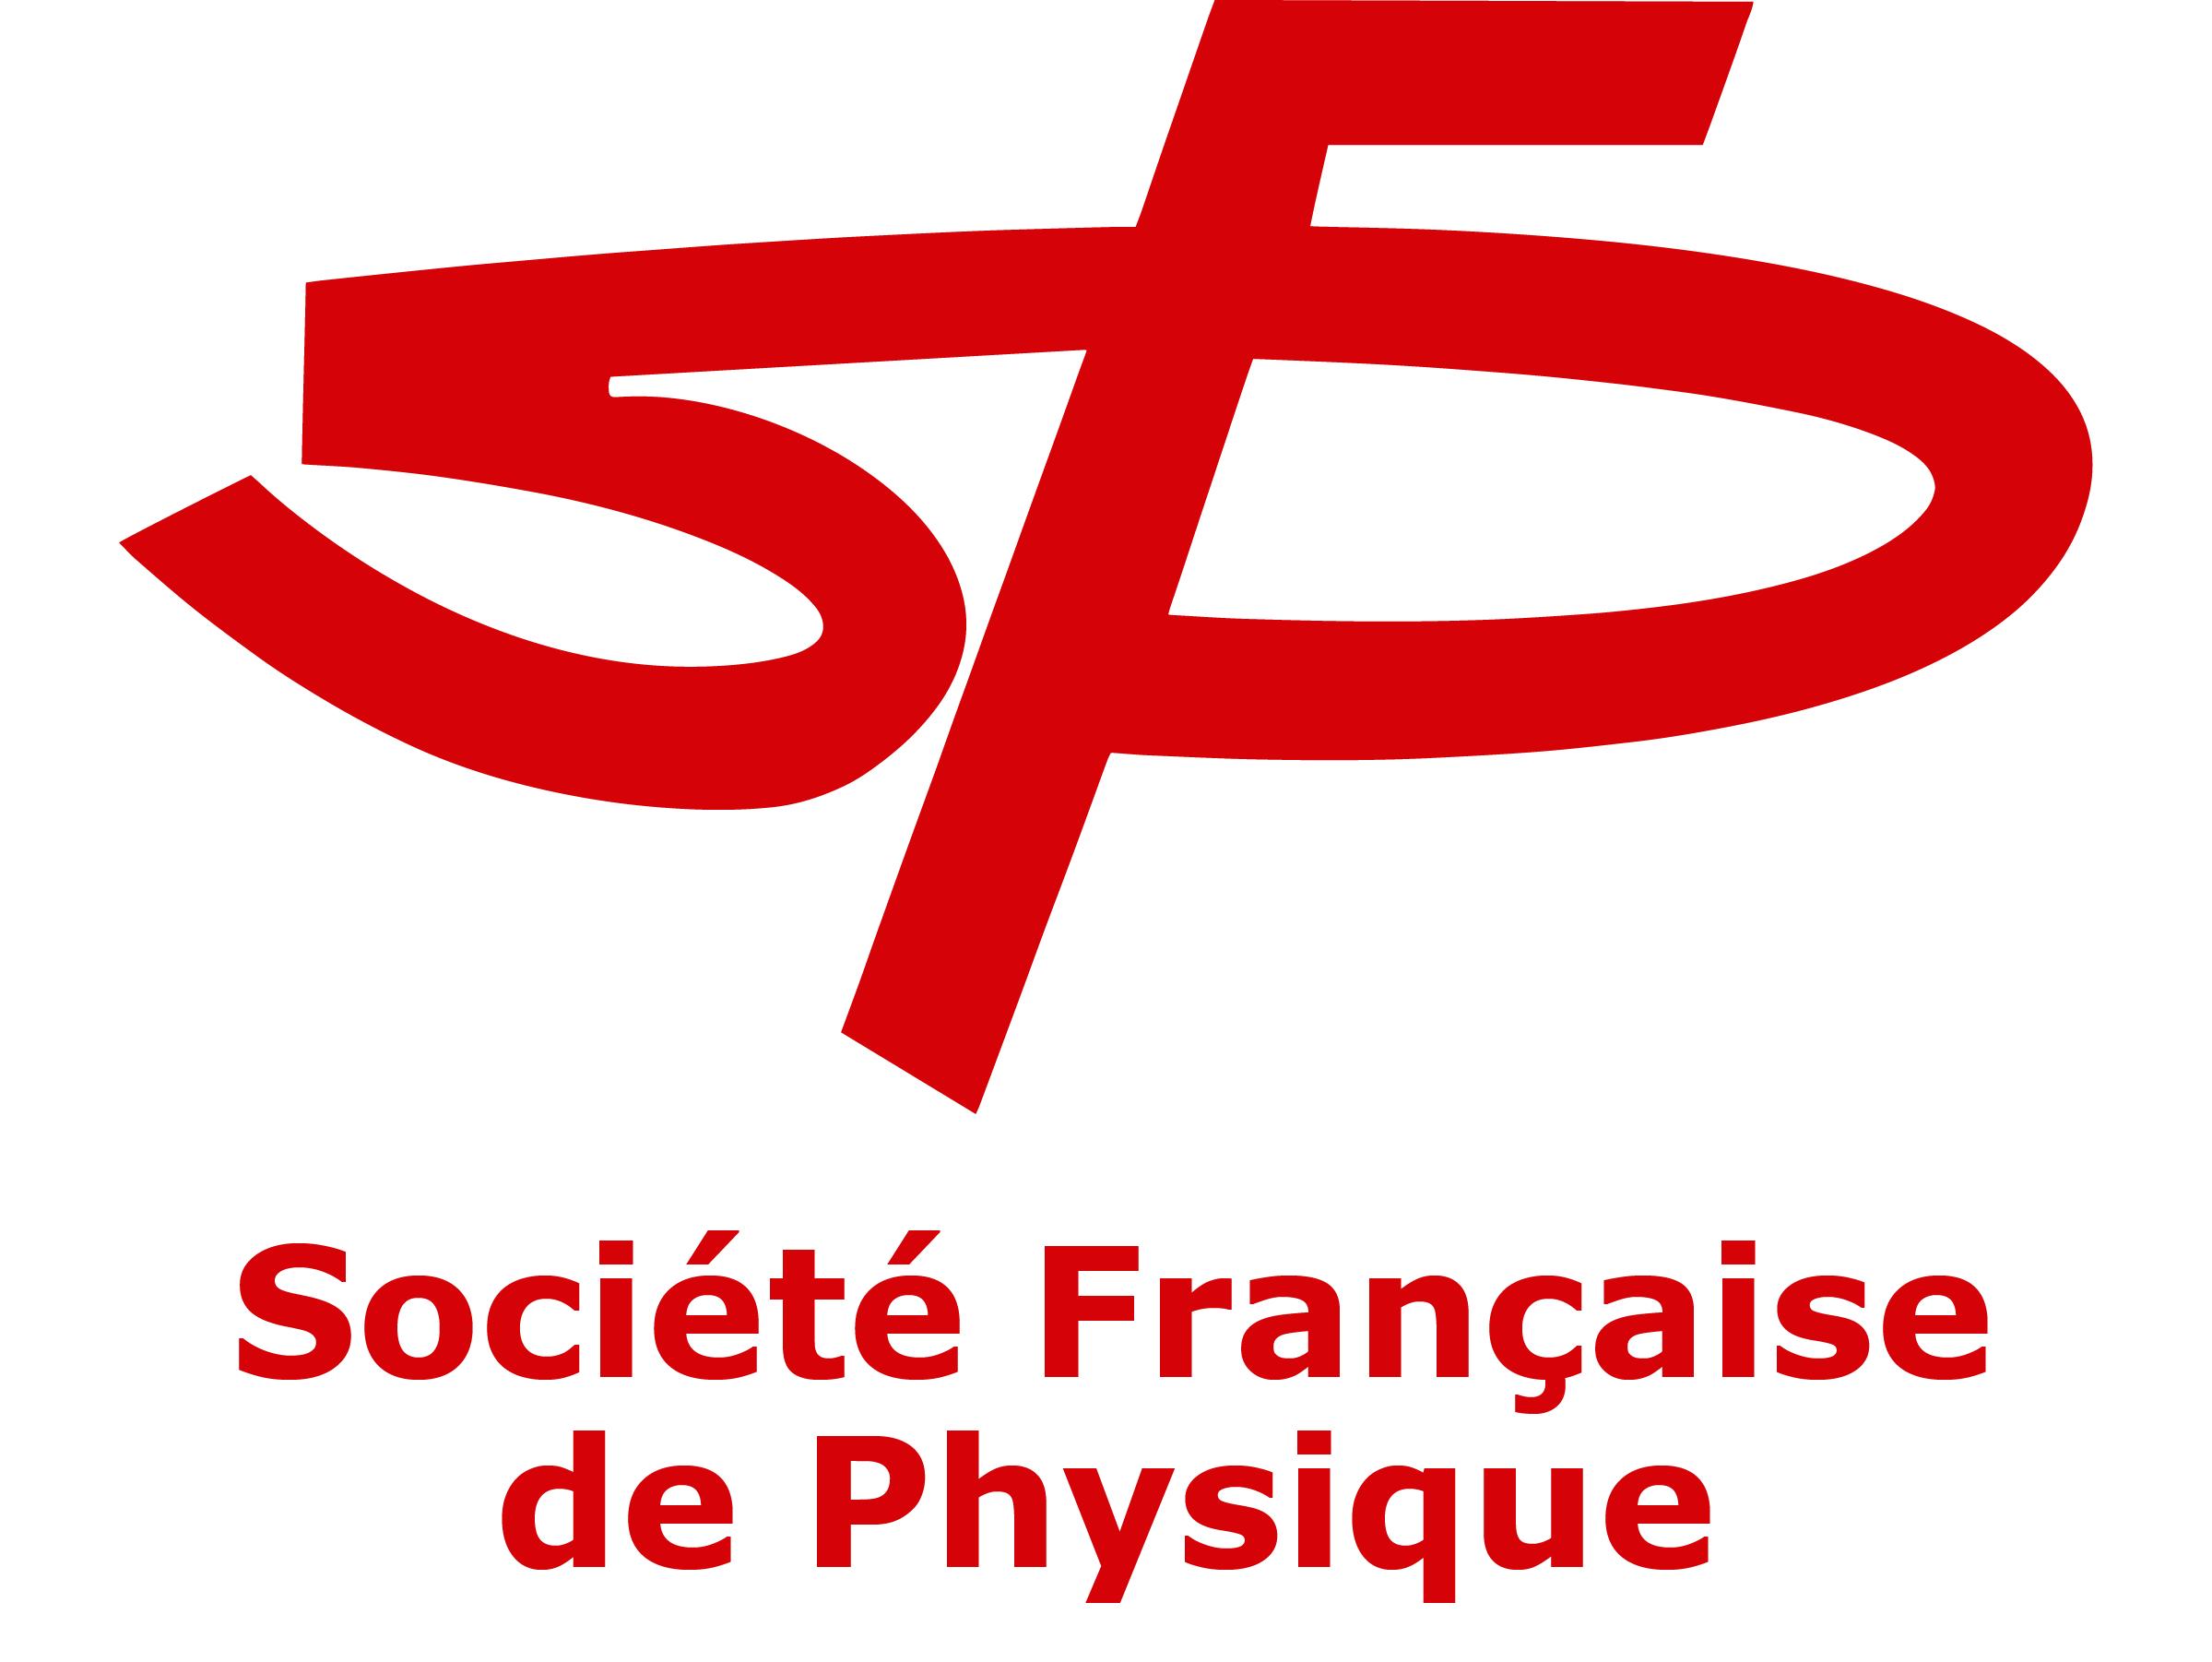 Société Française de Physique (SFP)